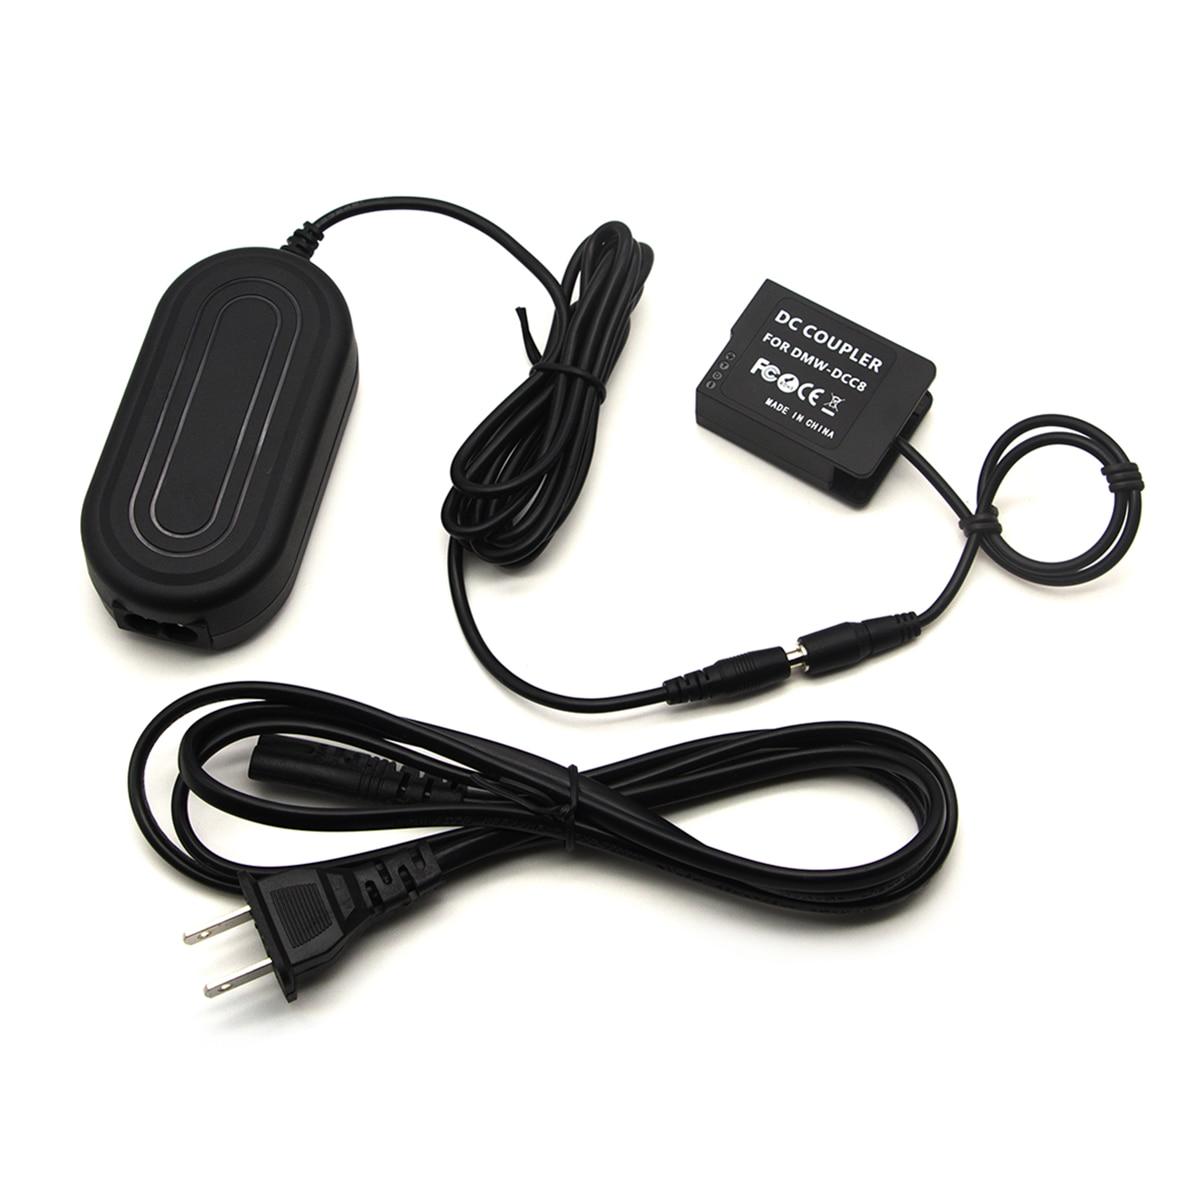 Adaptador de corriente alterna + cargador acoplador de batería simulada BLC12 para Panasonic DMC FZ2500 FZ300 G7 G6 G85 GX8 reemplazar DMW-AC8 DMW DCC8